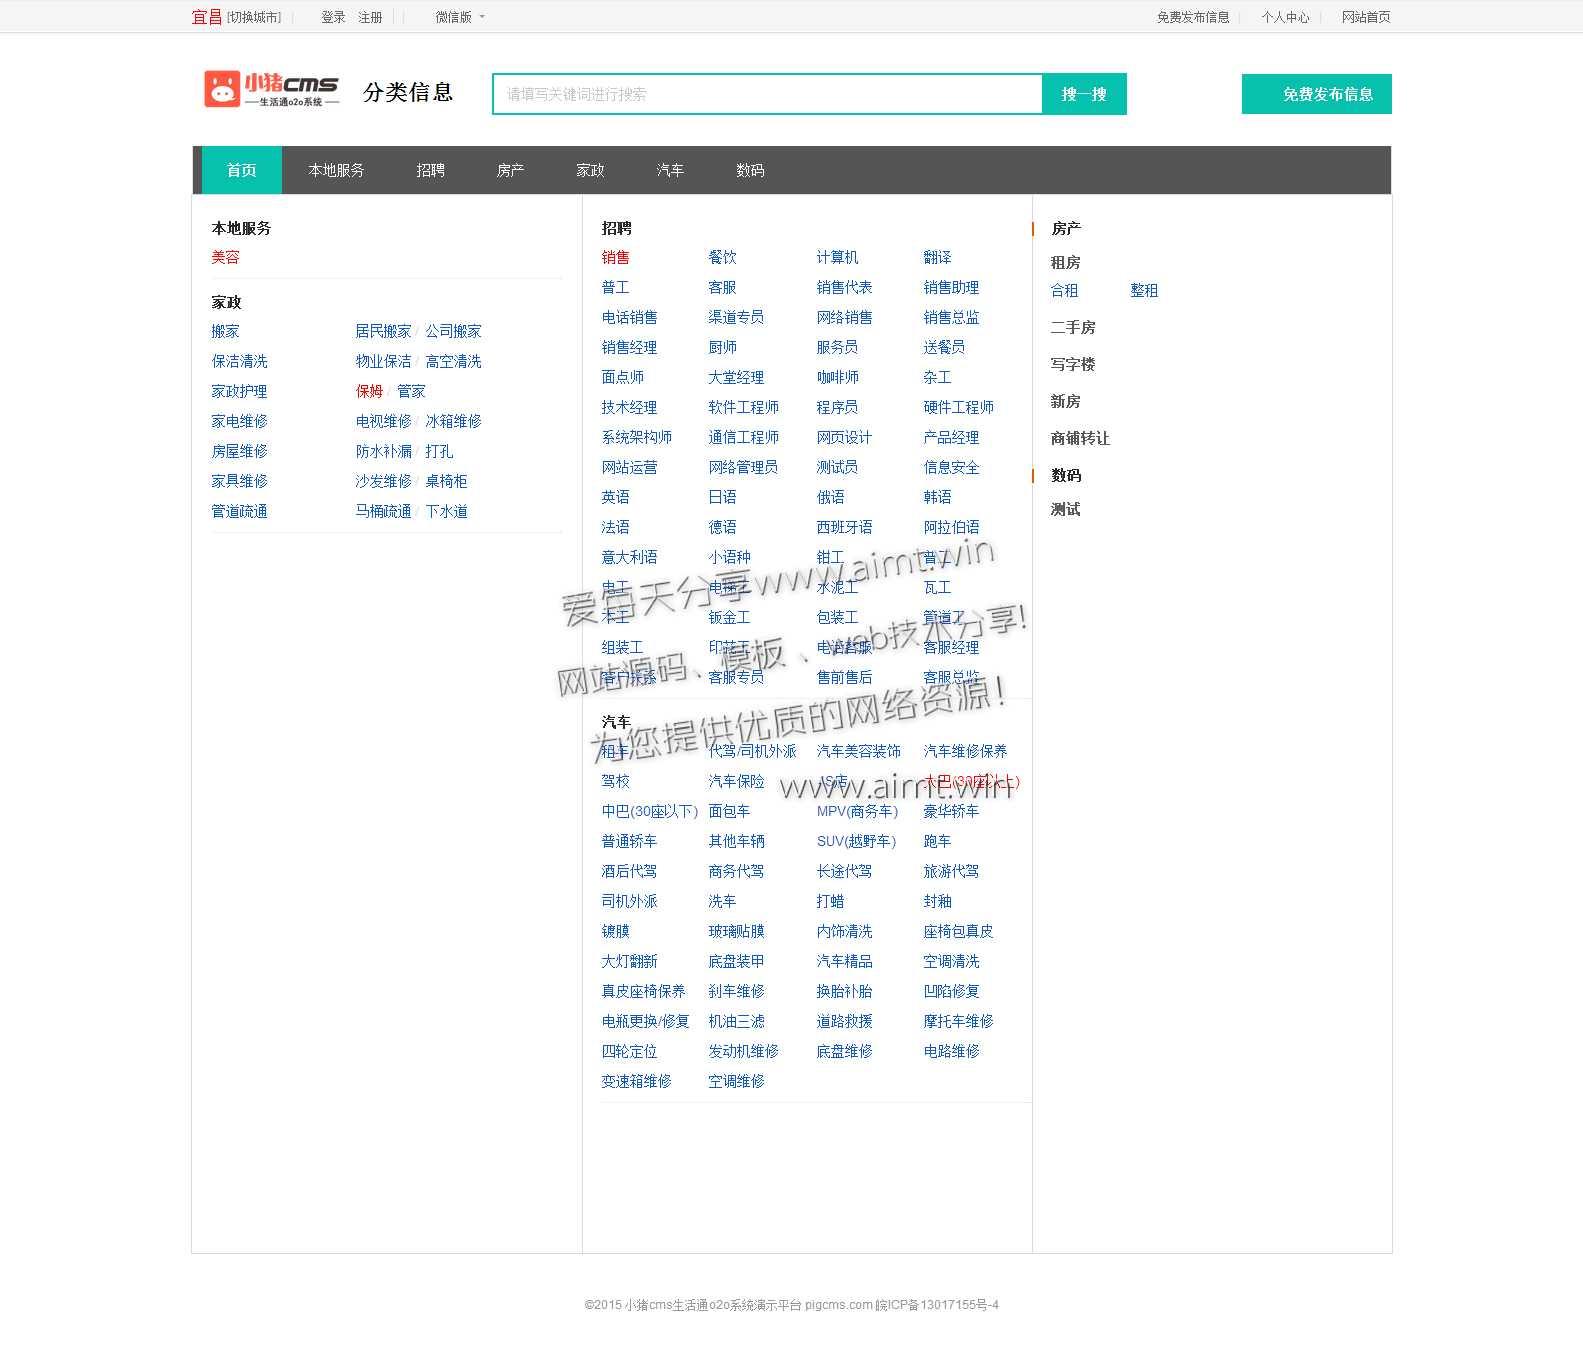 FireShot Pro Screen Capture #030 - o2oyc_pigcms_com_classify